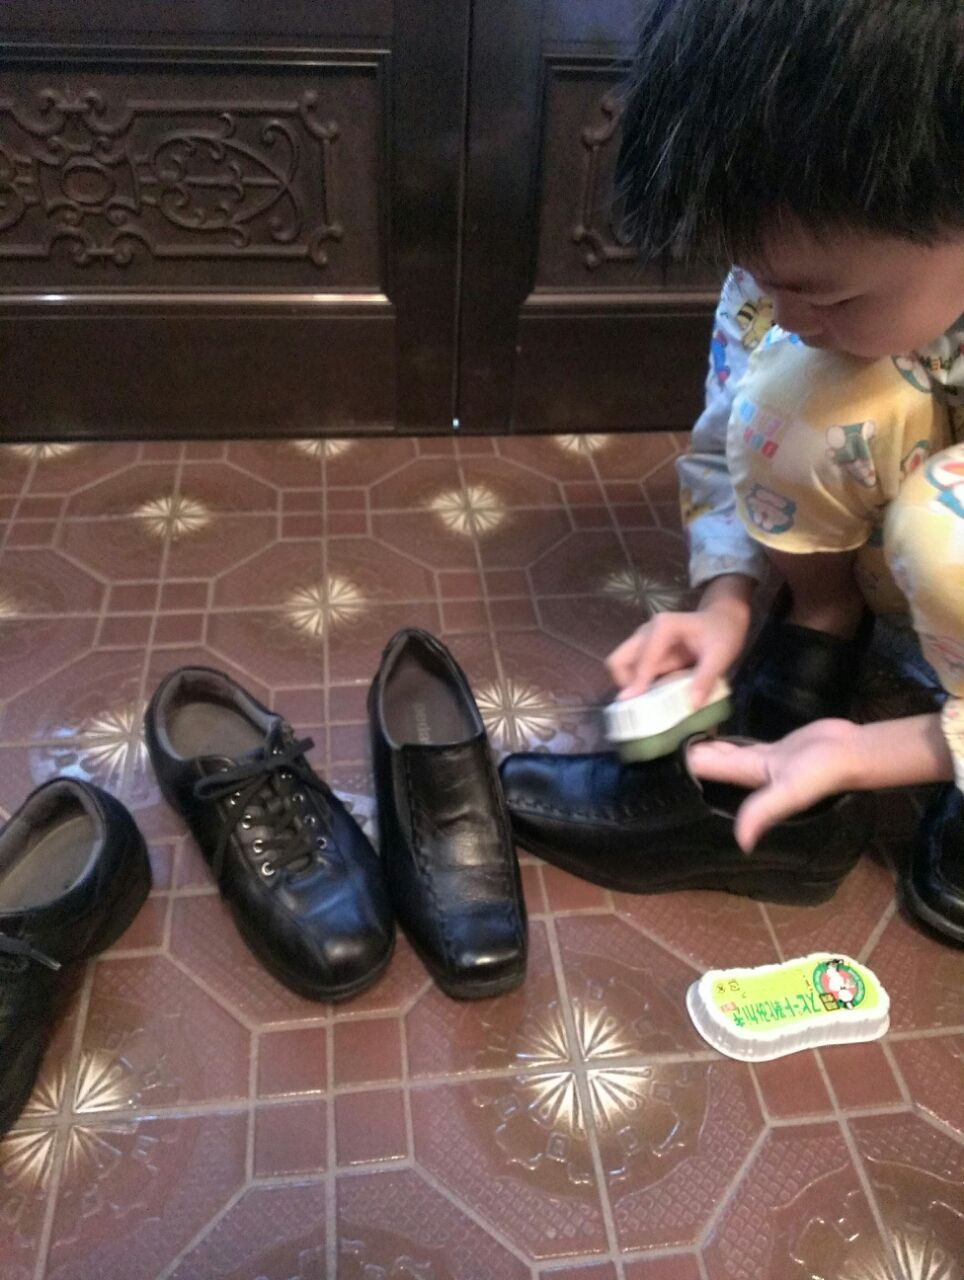 靴磨き  夢美た日記 「夢美」は八戸を拠点とする整体院です